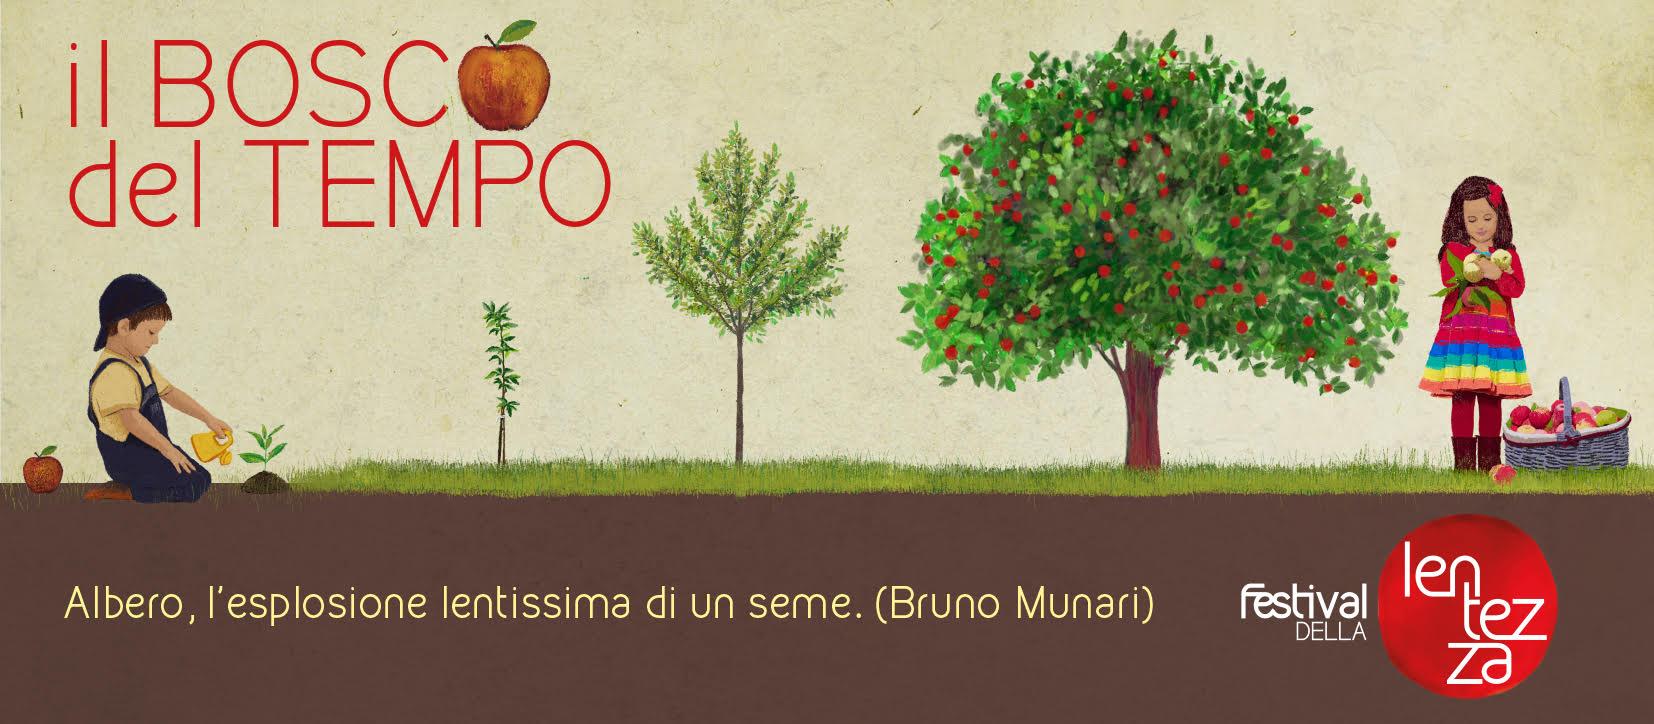 Il Bosco del Tempo: come partecipare al progetto del Festival della Lentezza per costruire un frutteto a Colorno